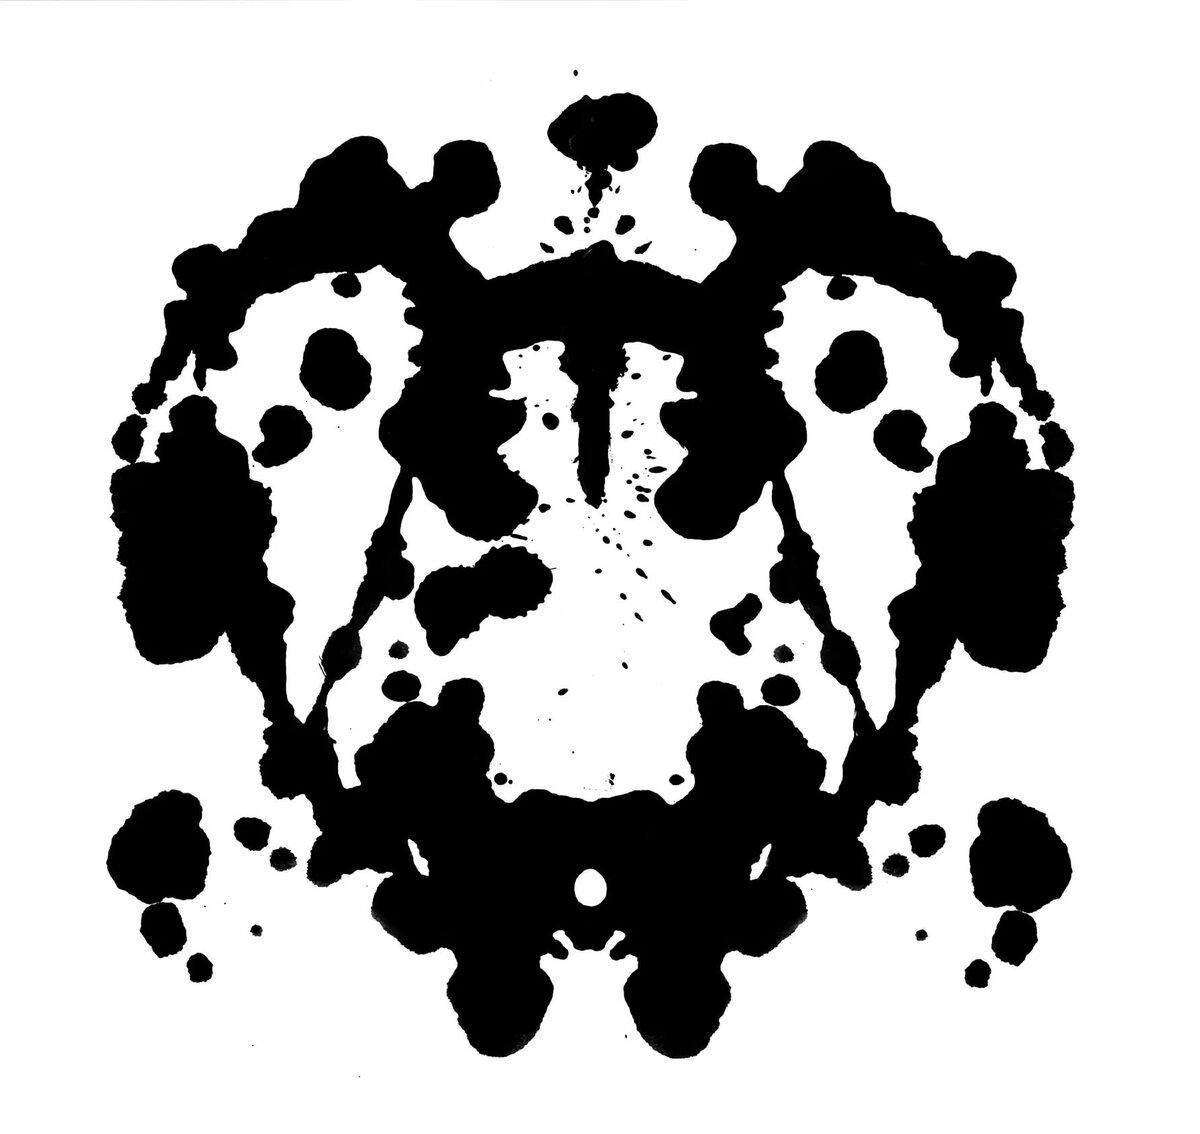 картинки у психиатра тест пугаемся печки очень